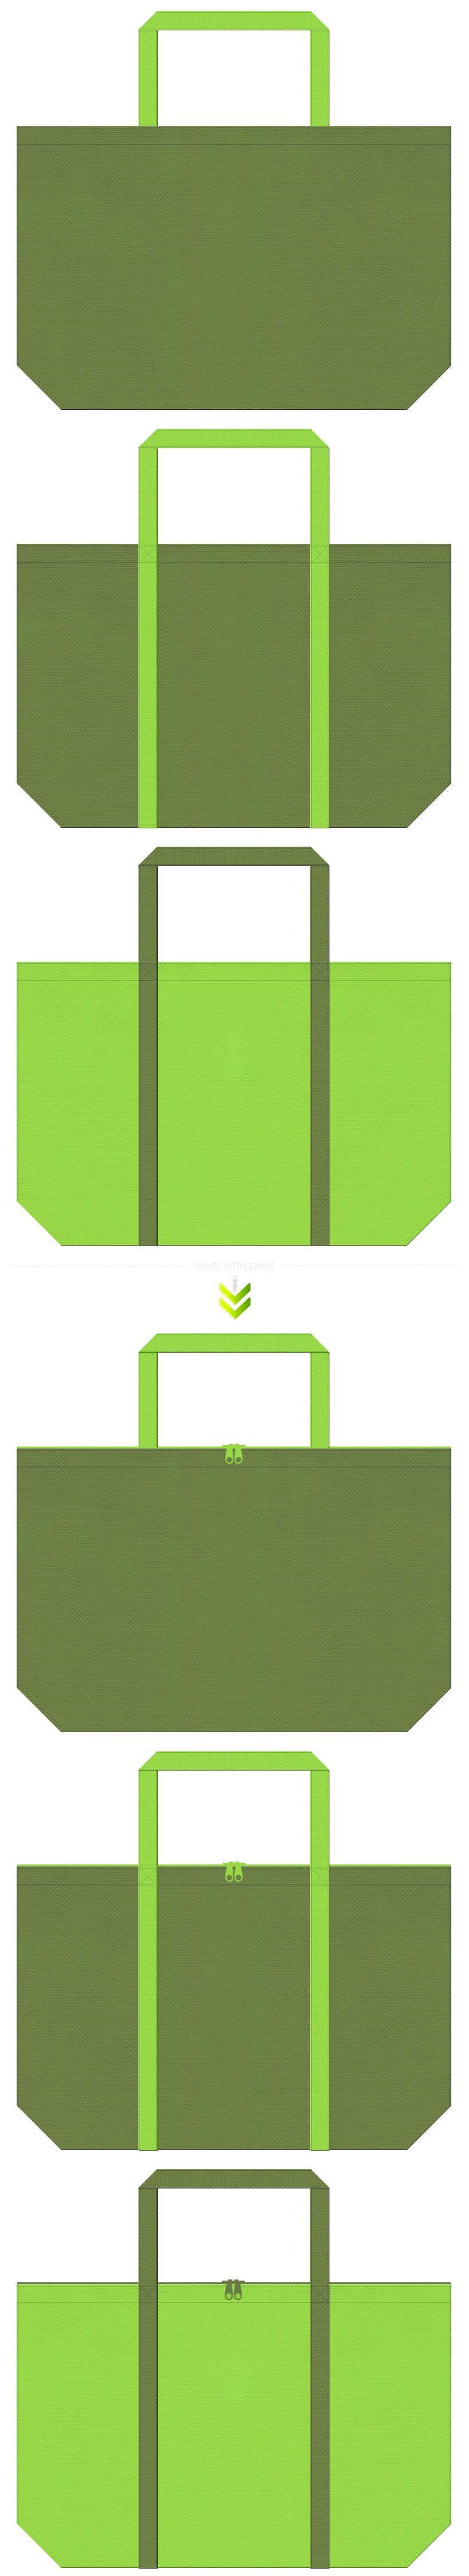 昆布茶・青汁・緑藻類・健康食品・日本茶・新茶・抹茶・茶菓子・茶摘・植木・造園・エクステリア・ガーデニング・園芸・和風エコバッグにお奨めの不織布バッグデザイン:草色と黄緑色のコーデ